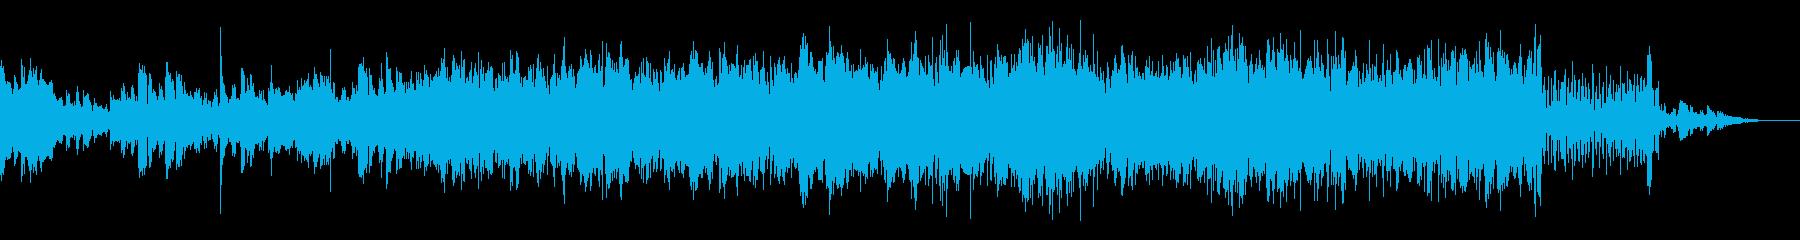 シンプルなシネマティックアンビエントの再生済みの波形